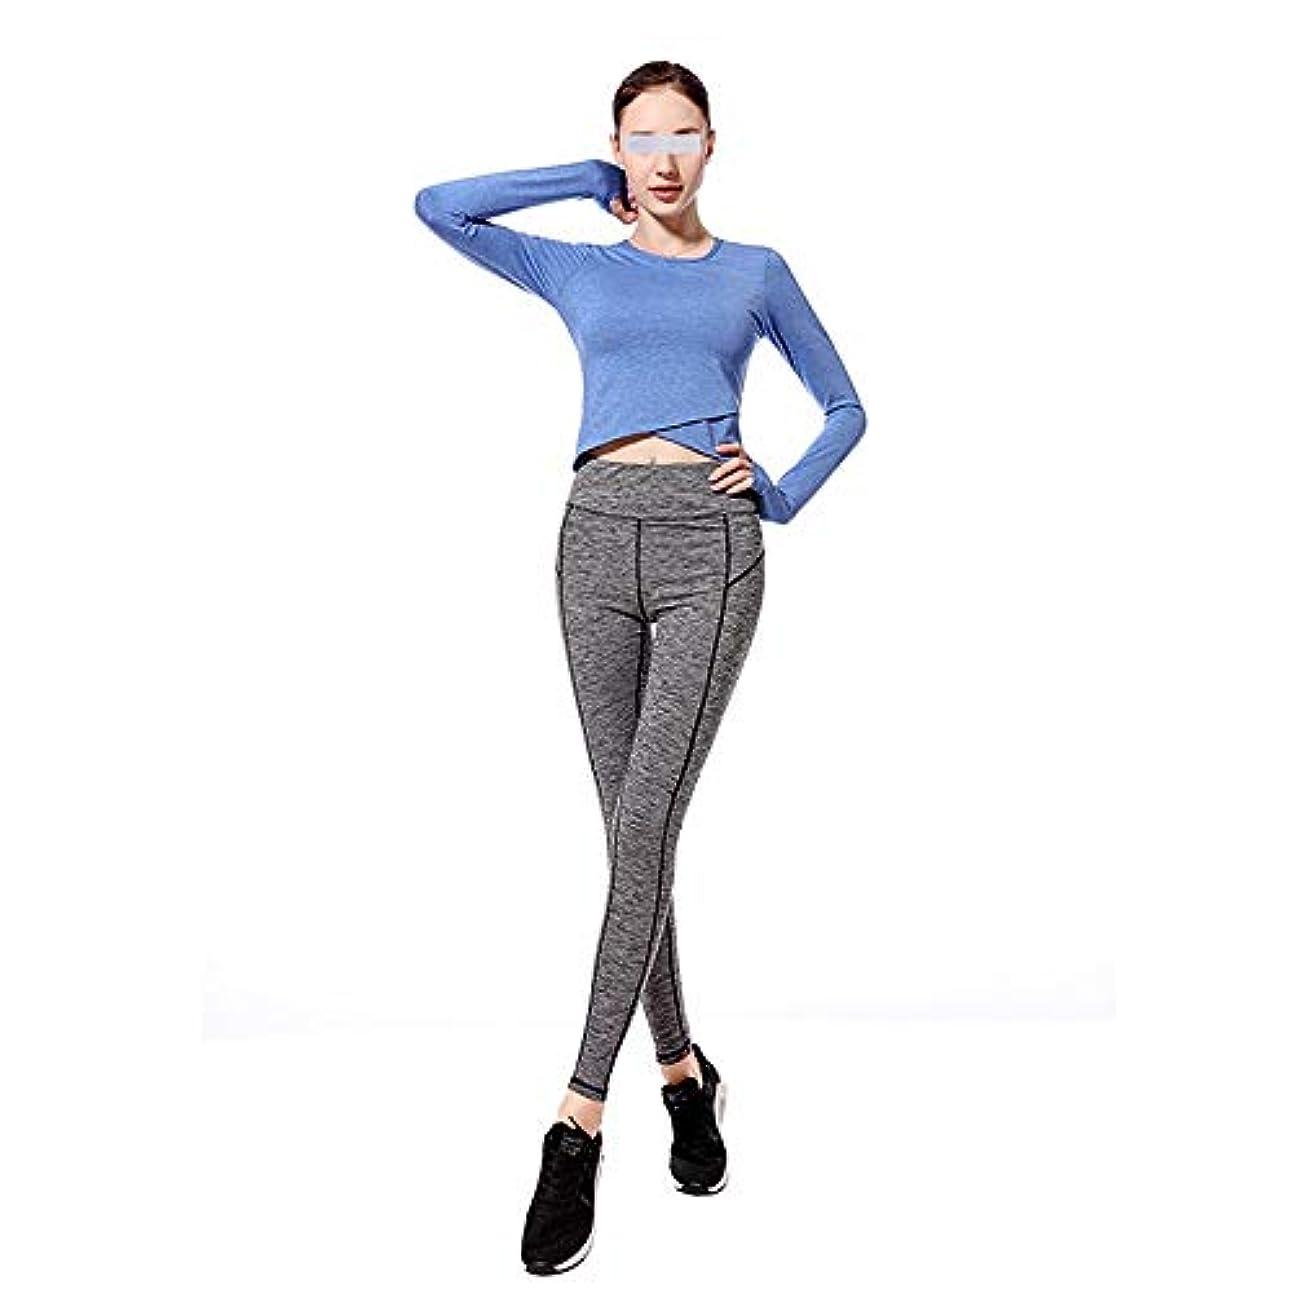 胆嚢スピーチ不愉快に女性用ヨガウェア オーメンの2スポーツウェアカジュアルなTシャツはズボンのフィットネストレーニングセットを実行しているジムヨガワークアウトの腰を突破します 快適な感触と優れた質感 (色 : Blue, Size : S)